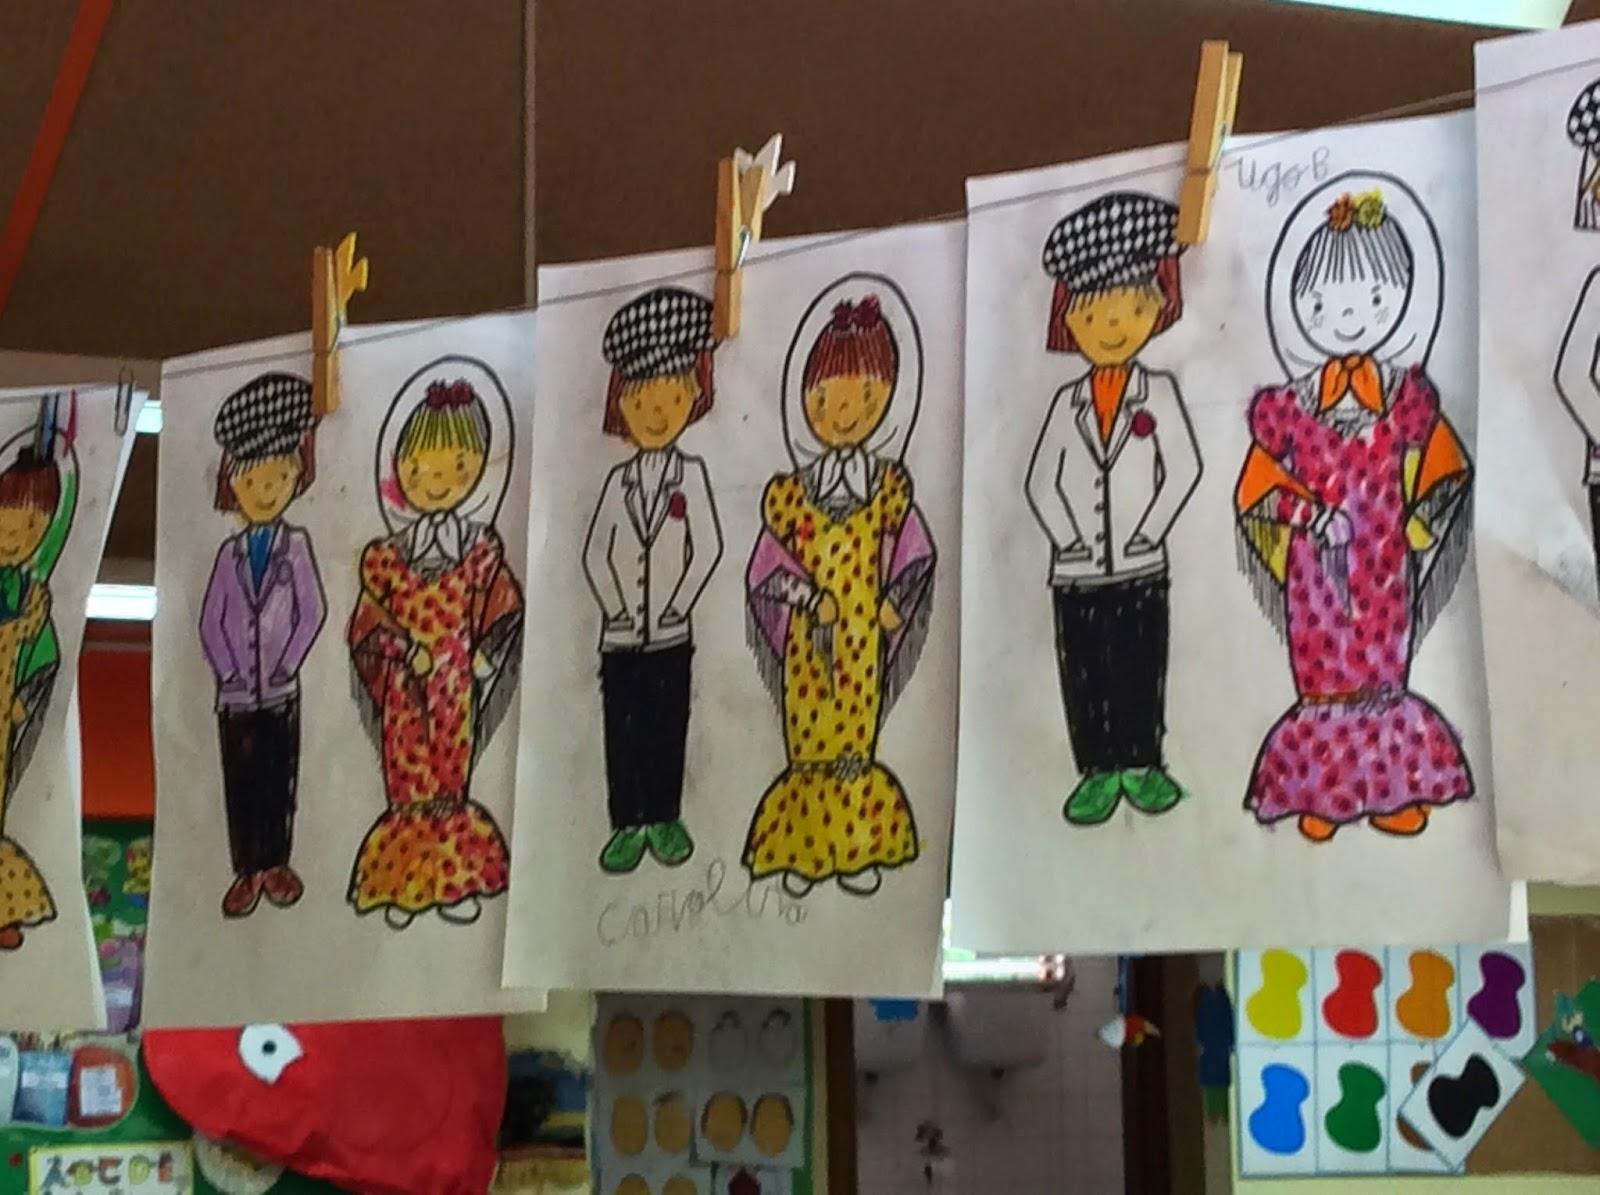 El Blog De Chus Infantil: Semana De San Isidro